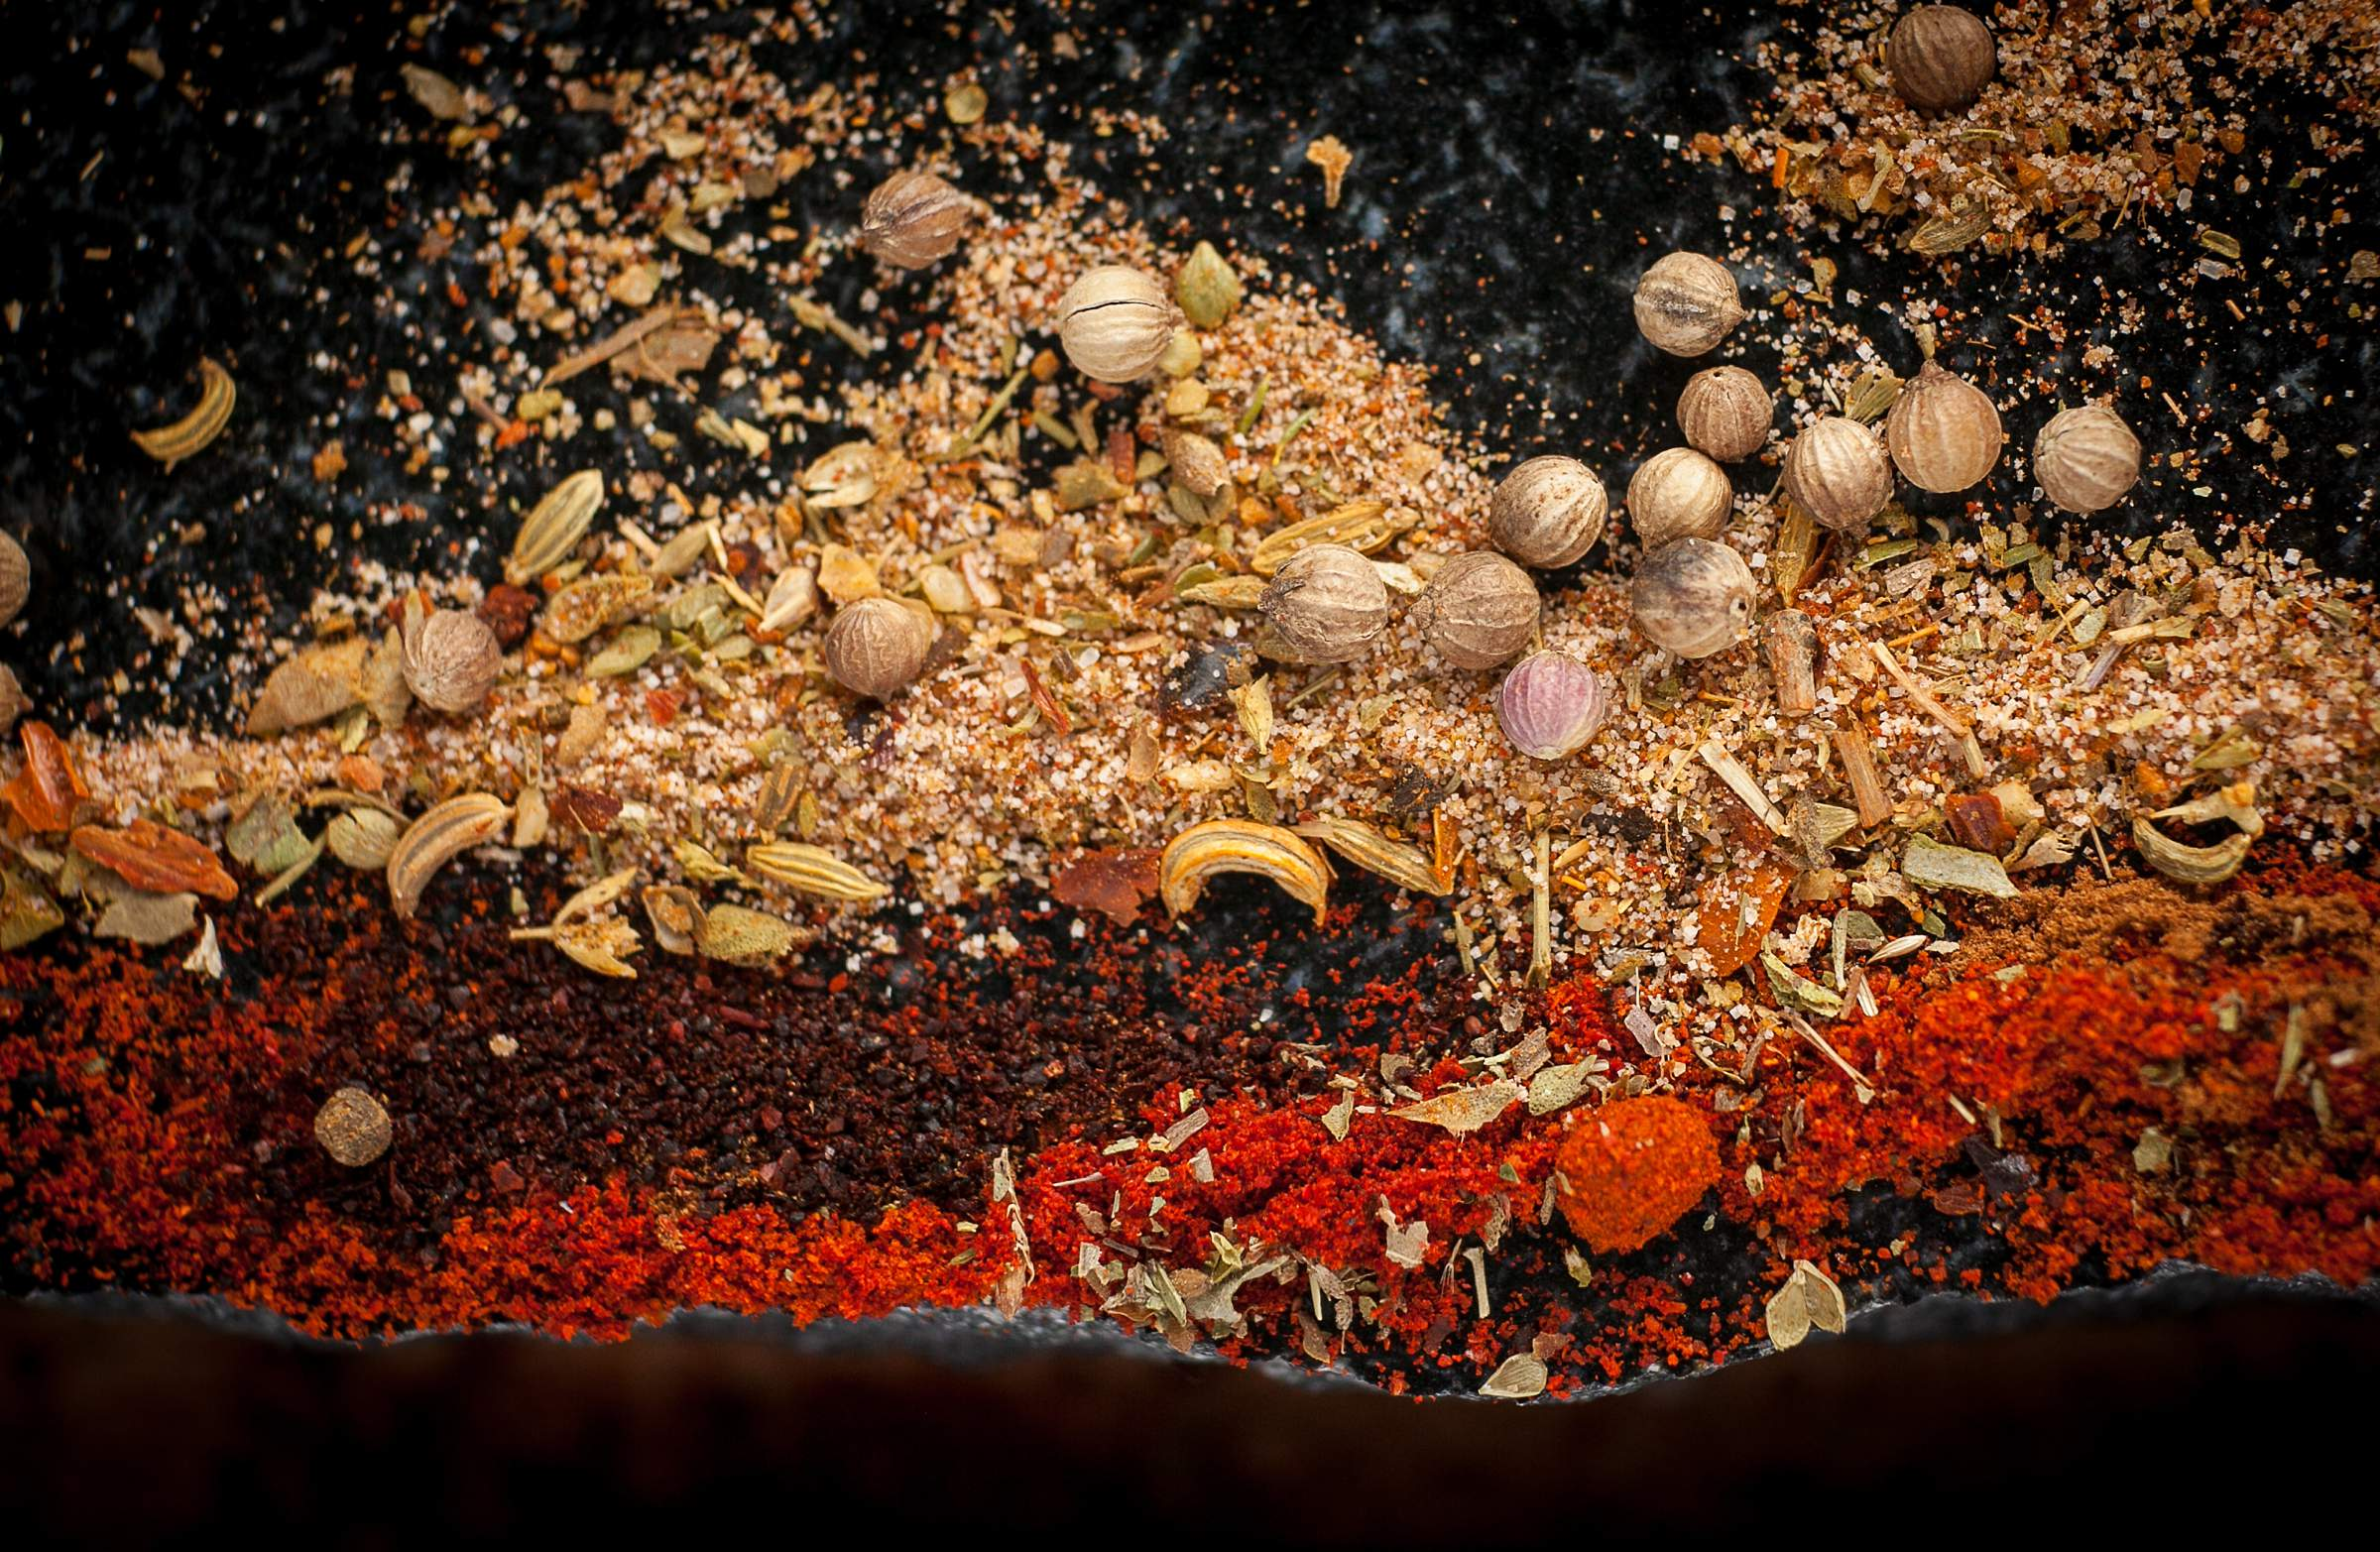 Food photography schmidtphoto chicago tom schmidt photo - 49